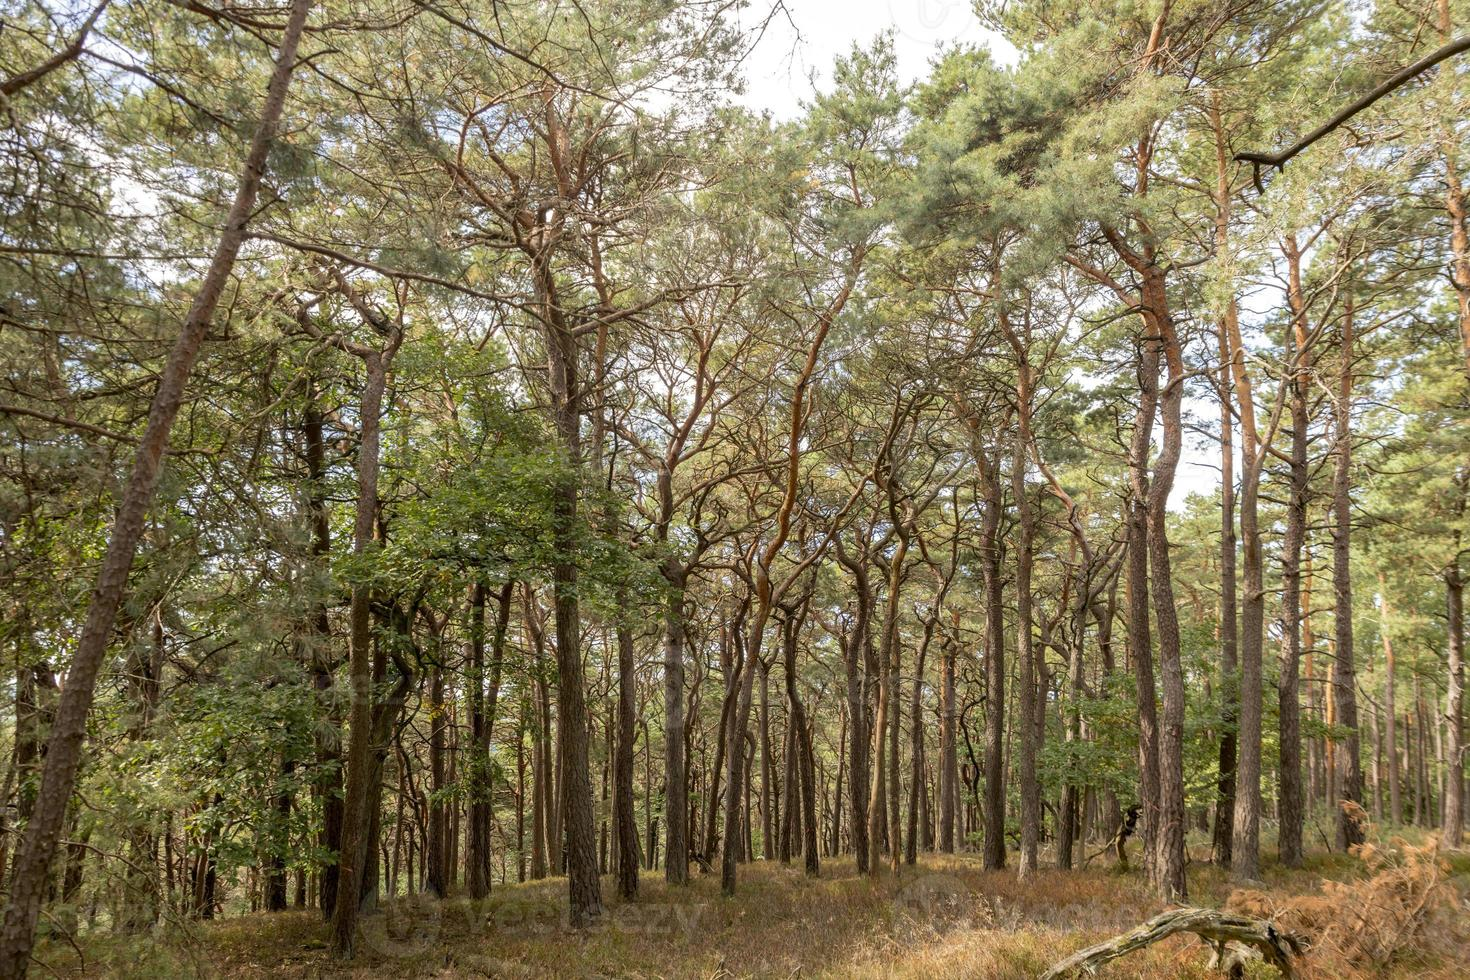 Vistas a un valle arbolado con pinos y árboles de hoja caduca en otoño foto